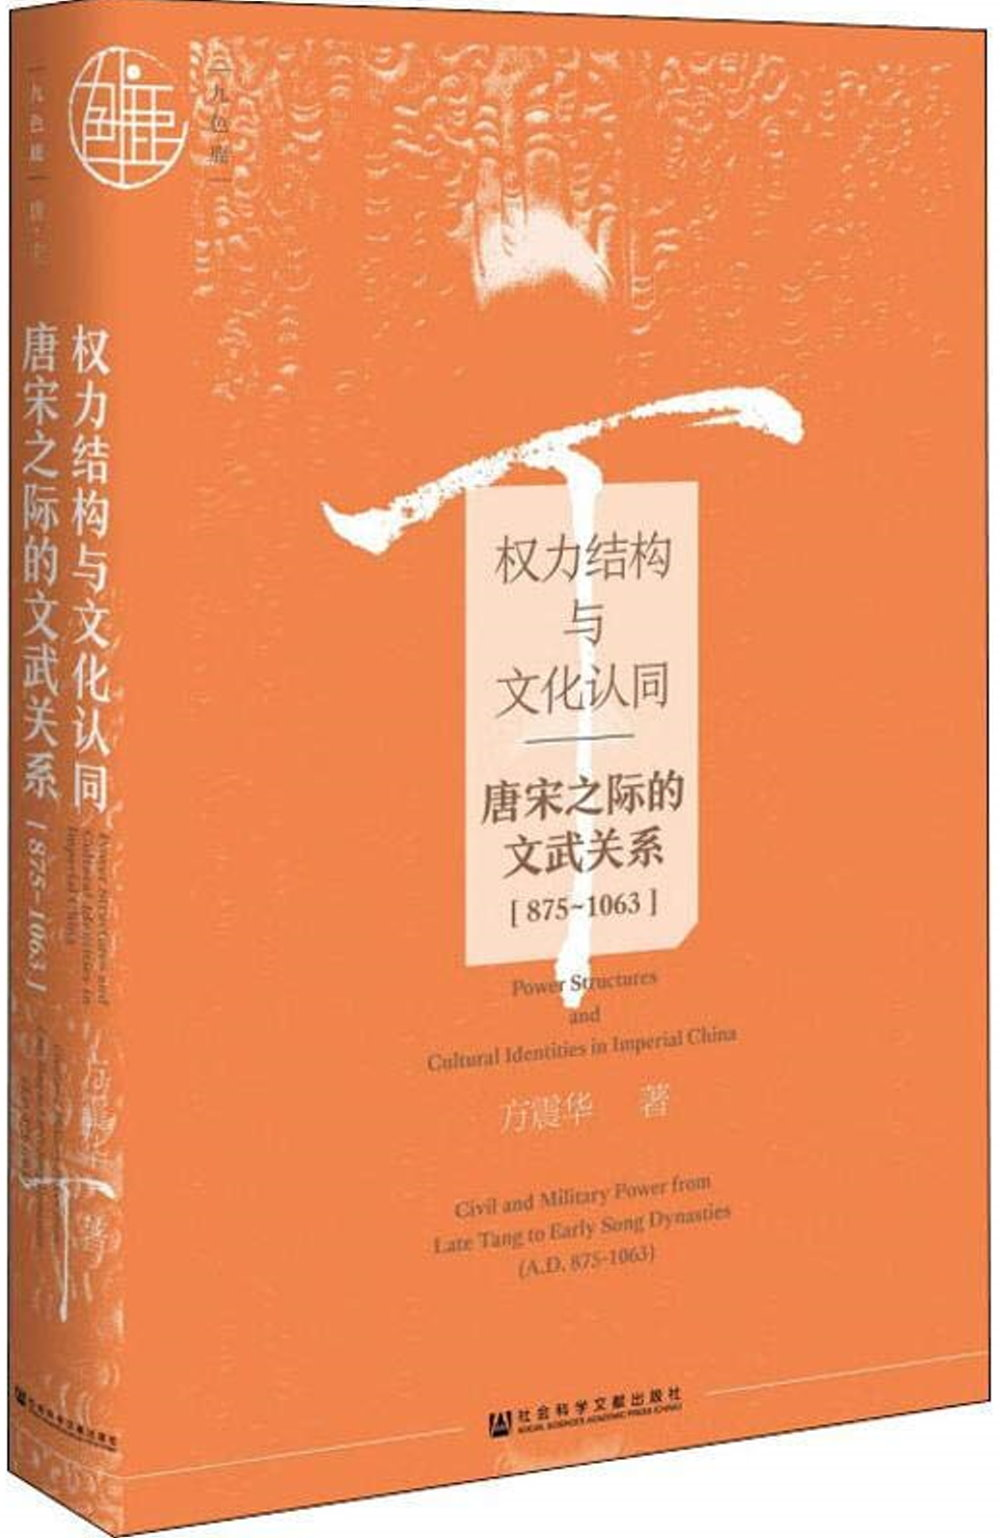 權力結構與文化認同:唐宋之際的文武關係(875-1063)